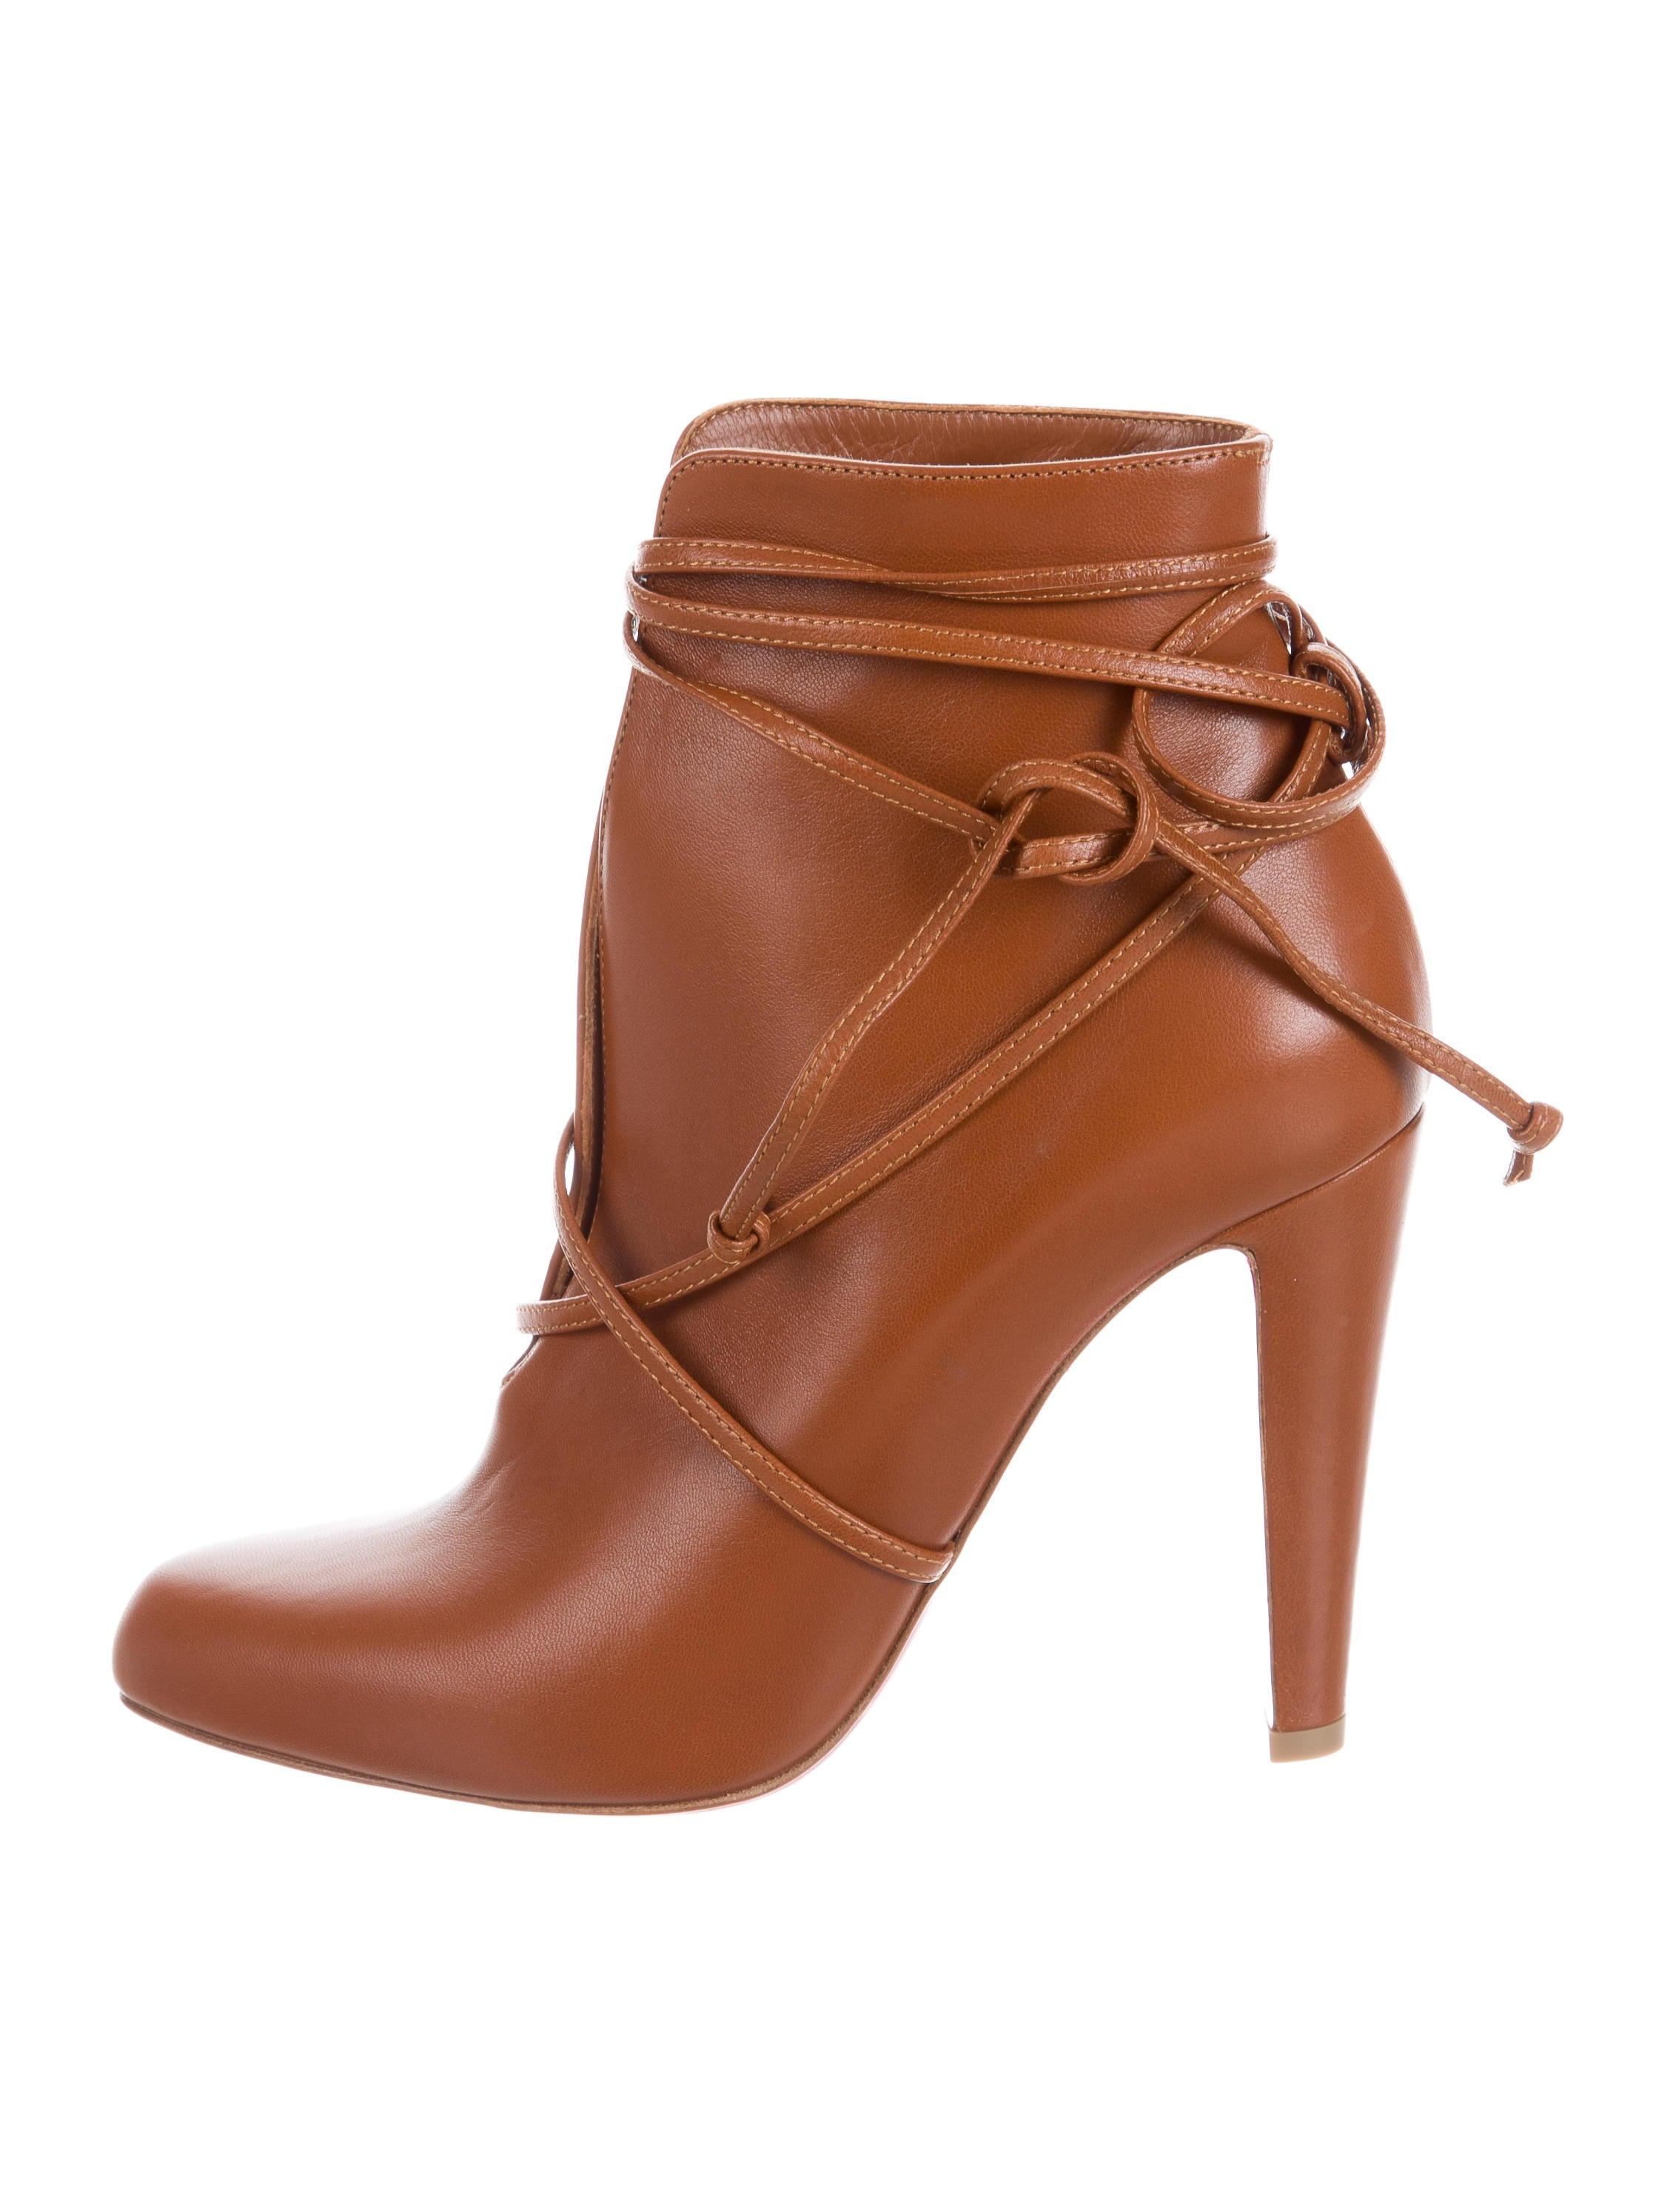 7785b4e6a1a8 Christian Louboutin 2017 S.I.T Rain 100 Ankle Boots w  Tags - Shoes ...